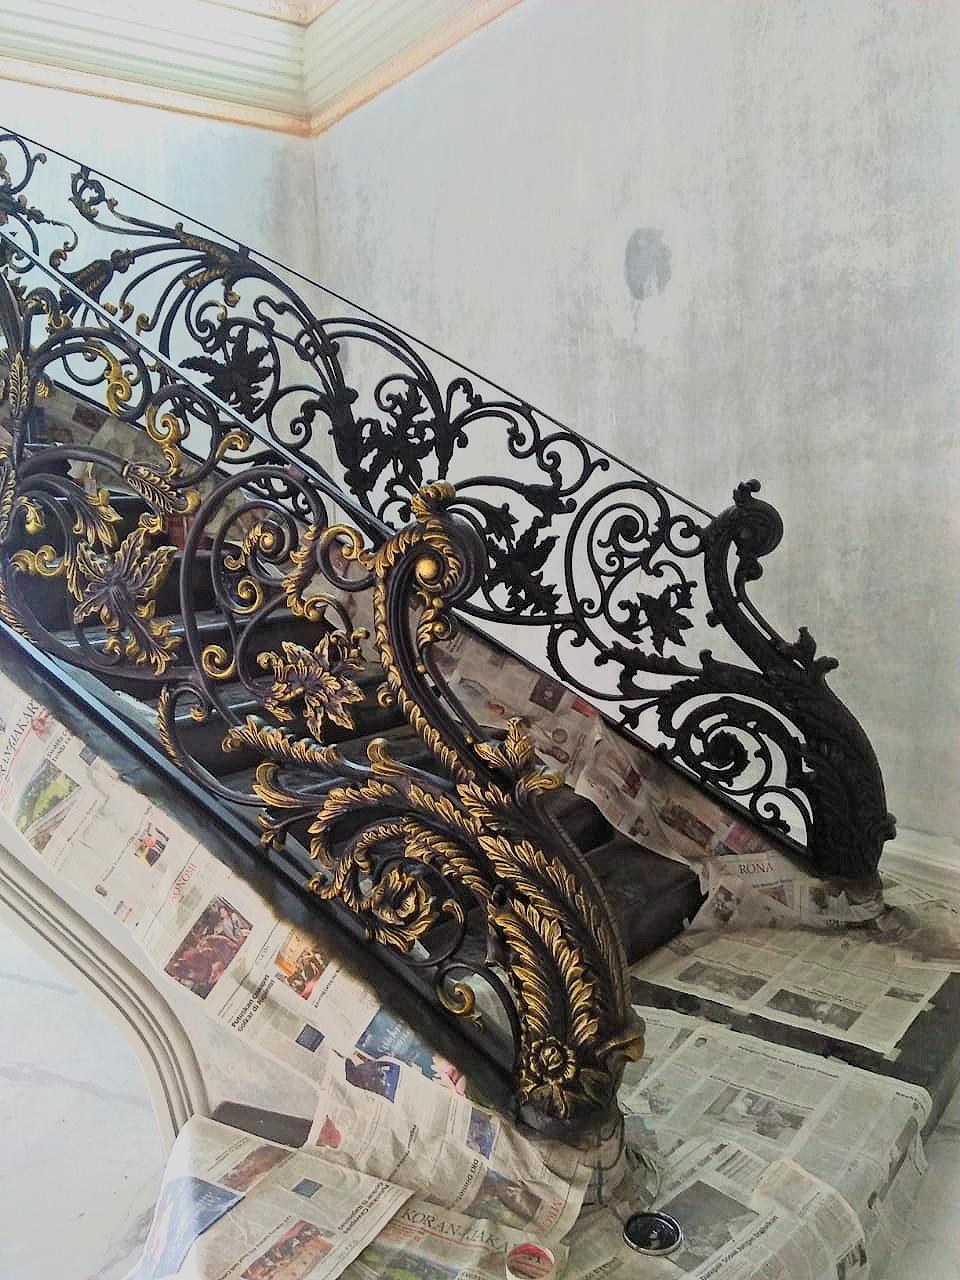 619bf Desain Railing Balkon Besi Tempa2b2528302529 Spesialis